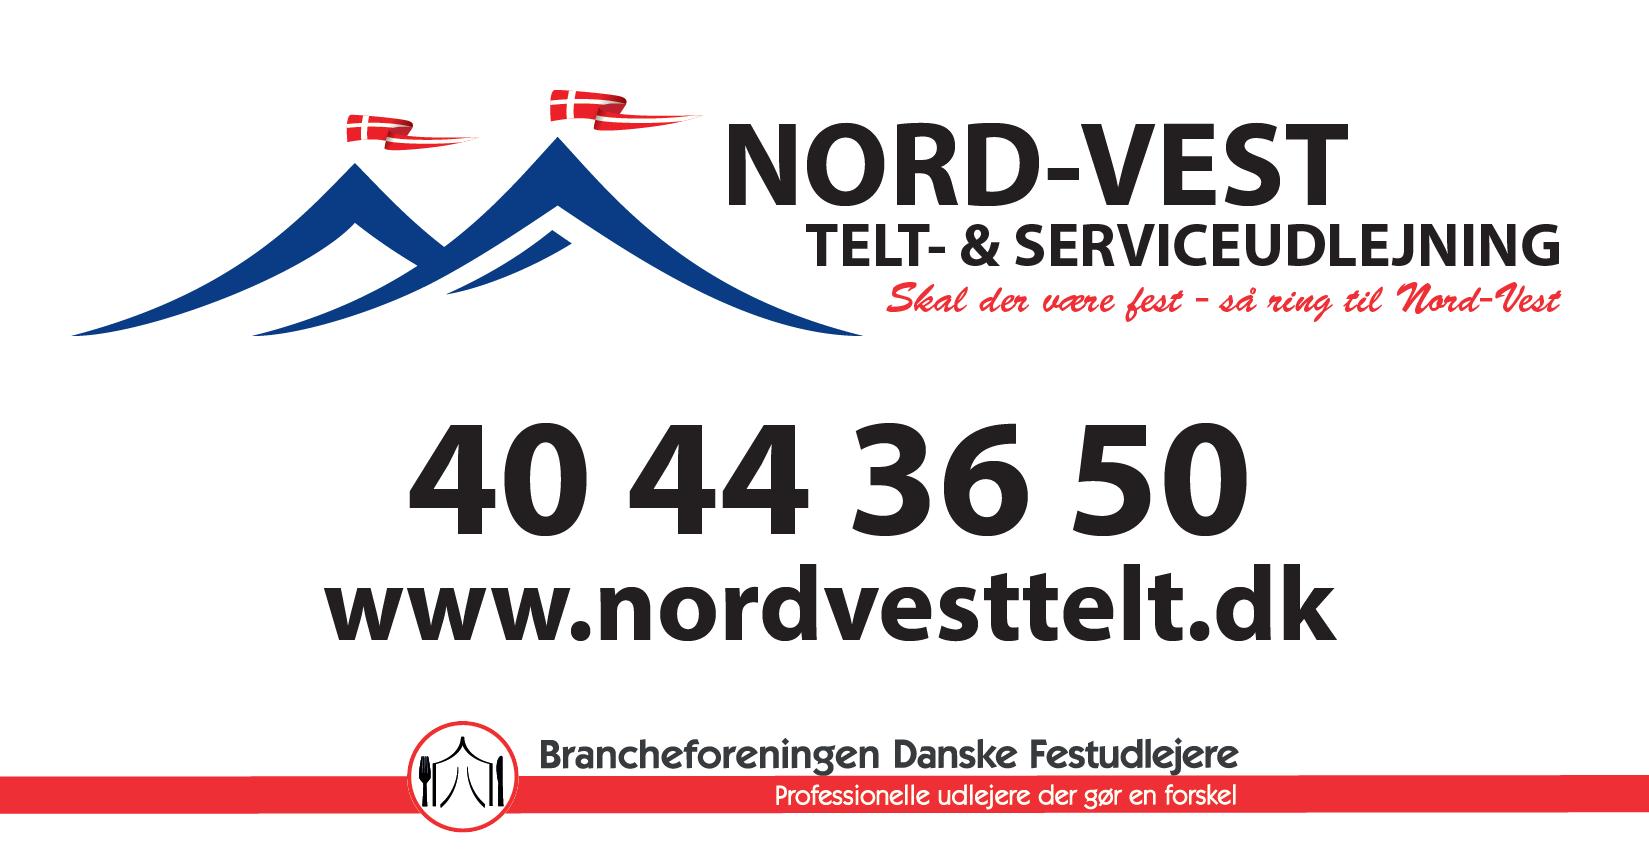 Nordvesttelt og Serviceudlejning